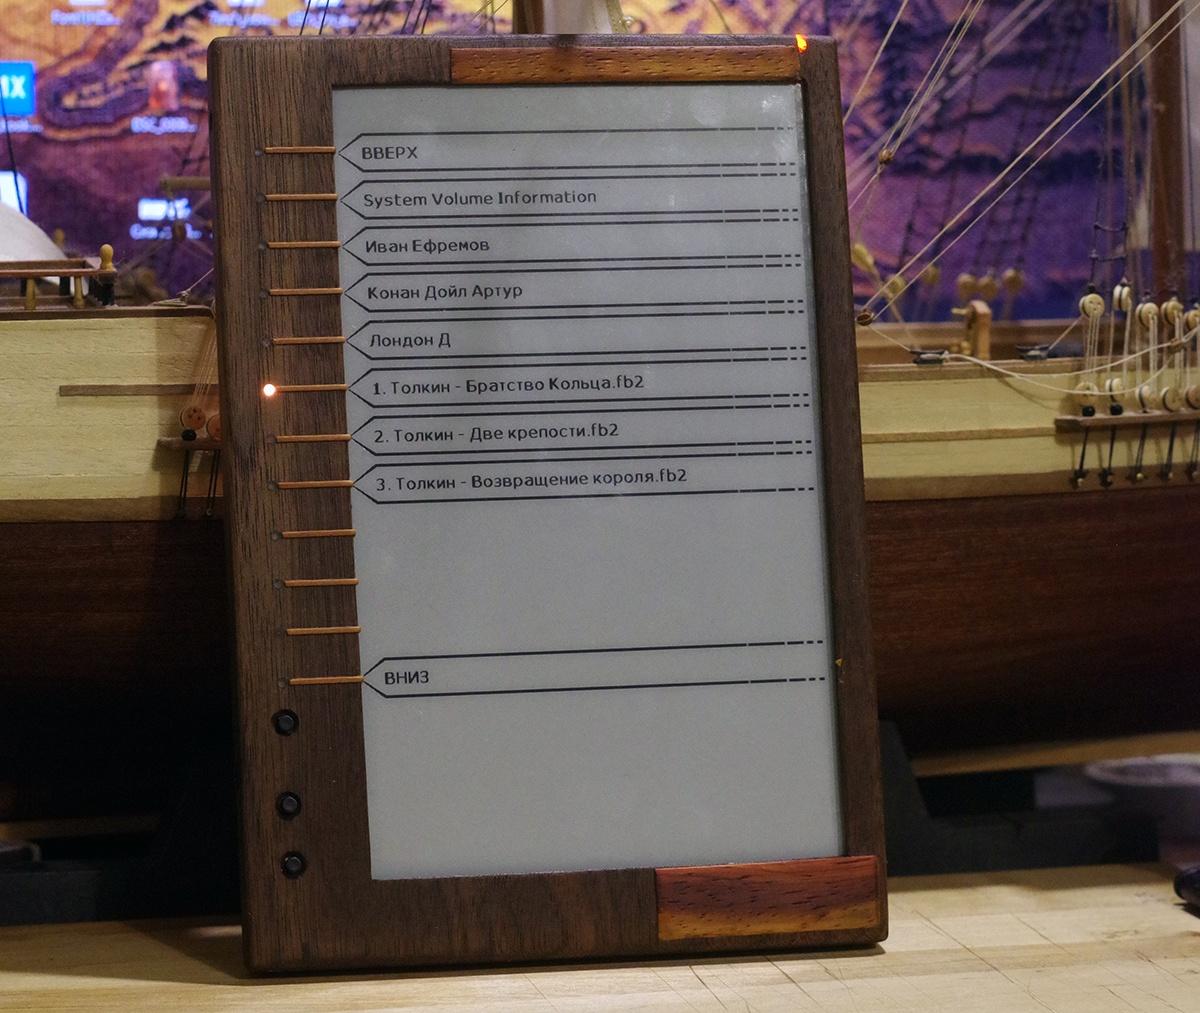 Электронная книга своими руками на STM32H750 от А до Э - 1